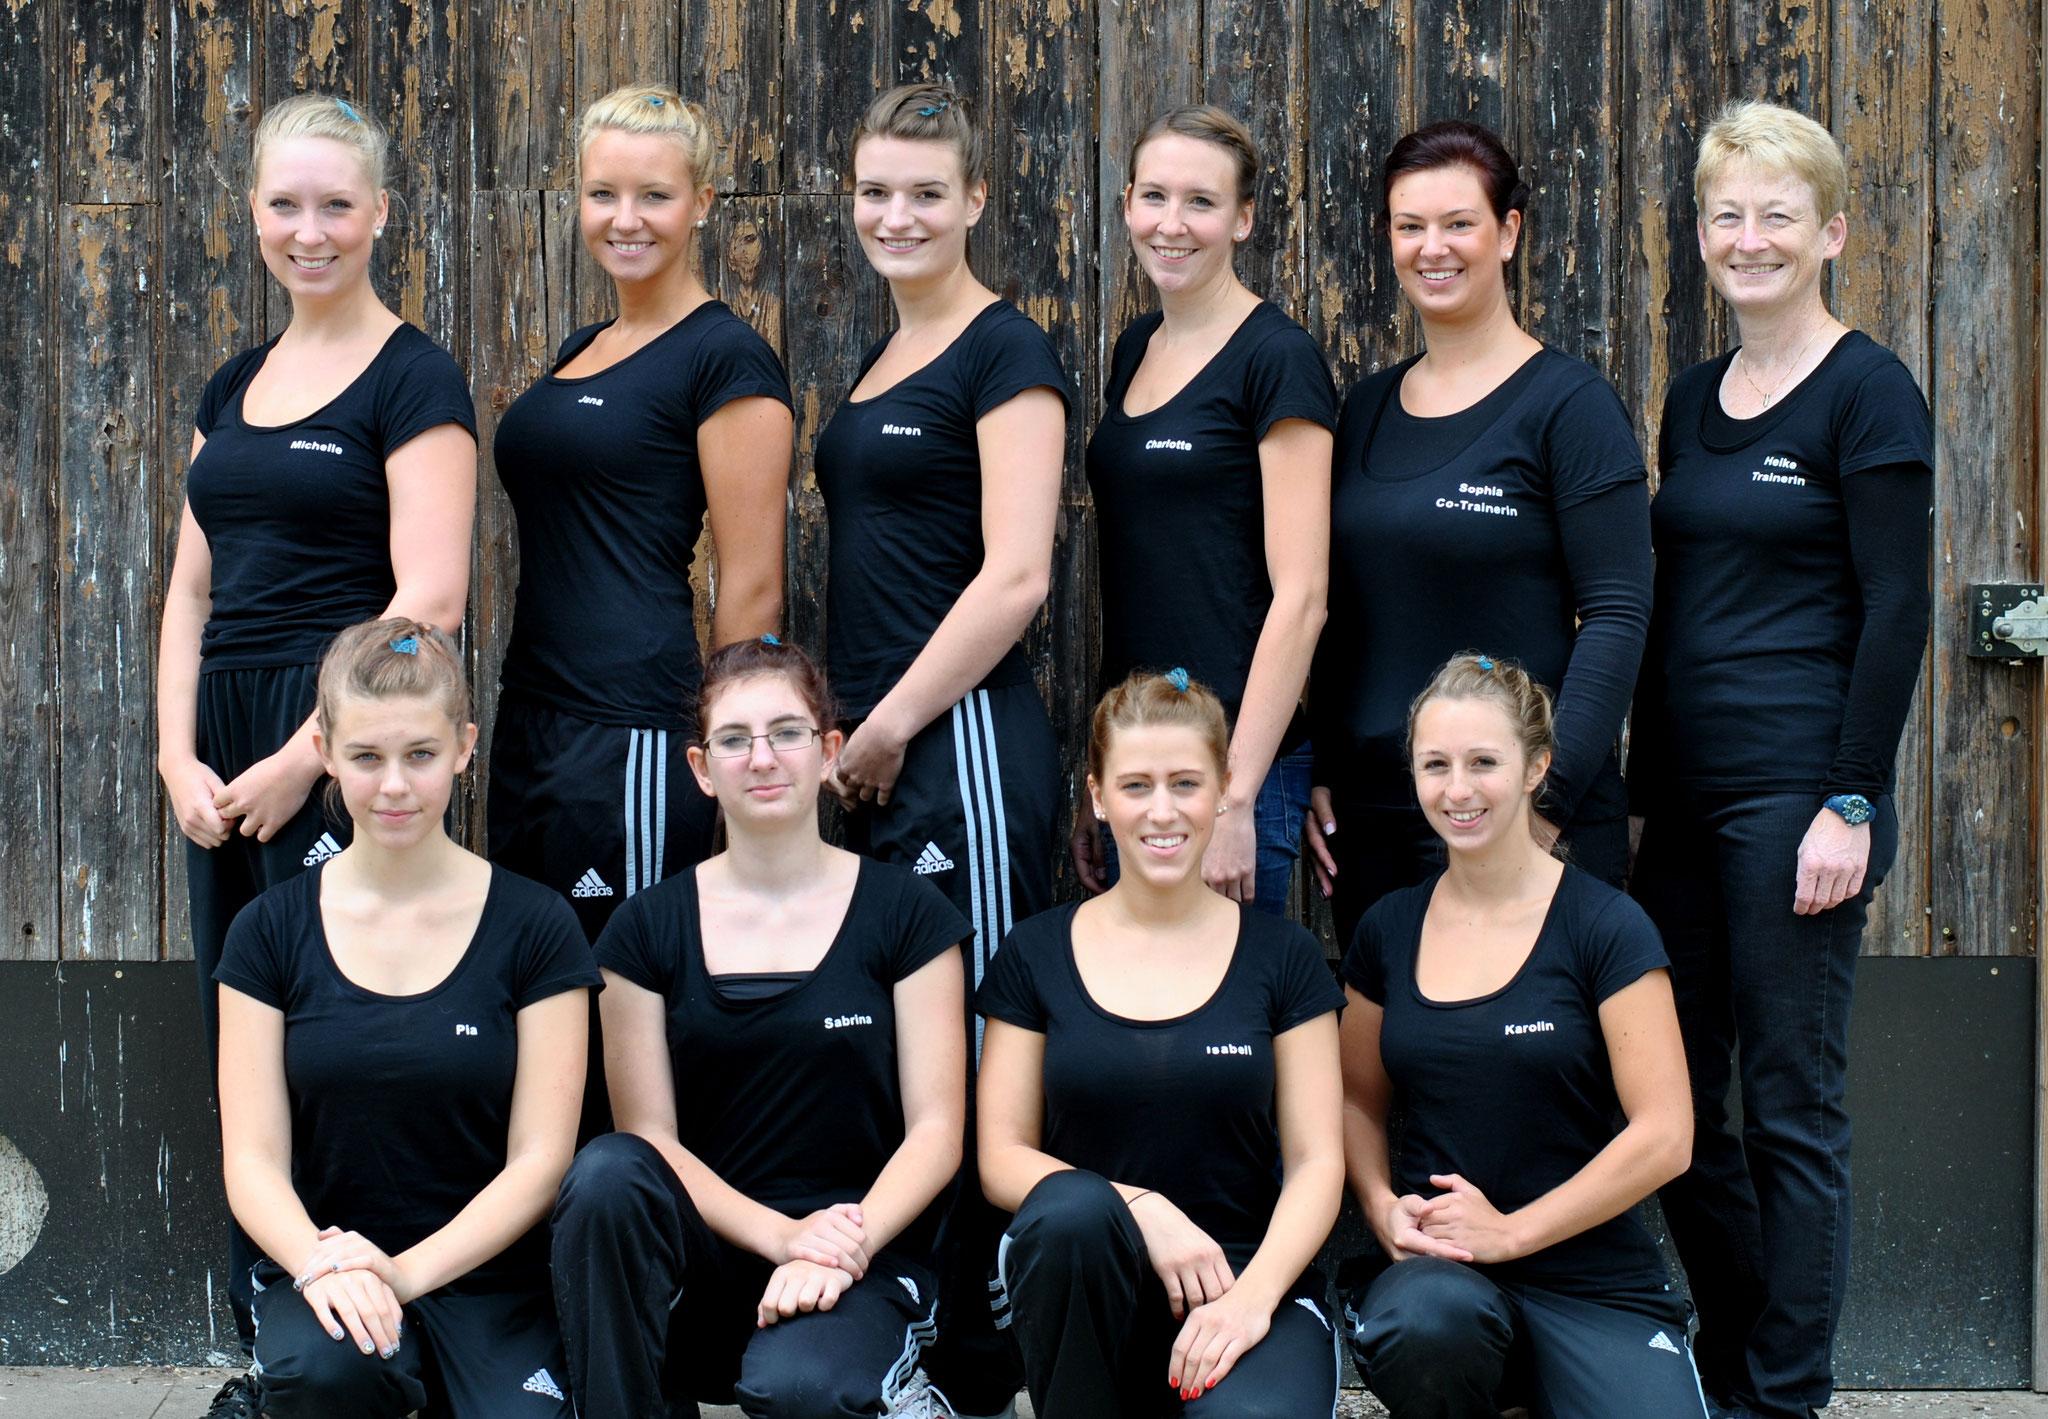 Die Turniermannschaft in 2012